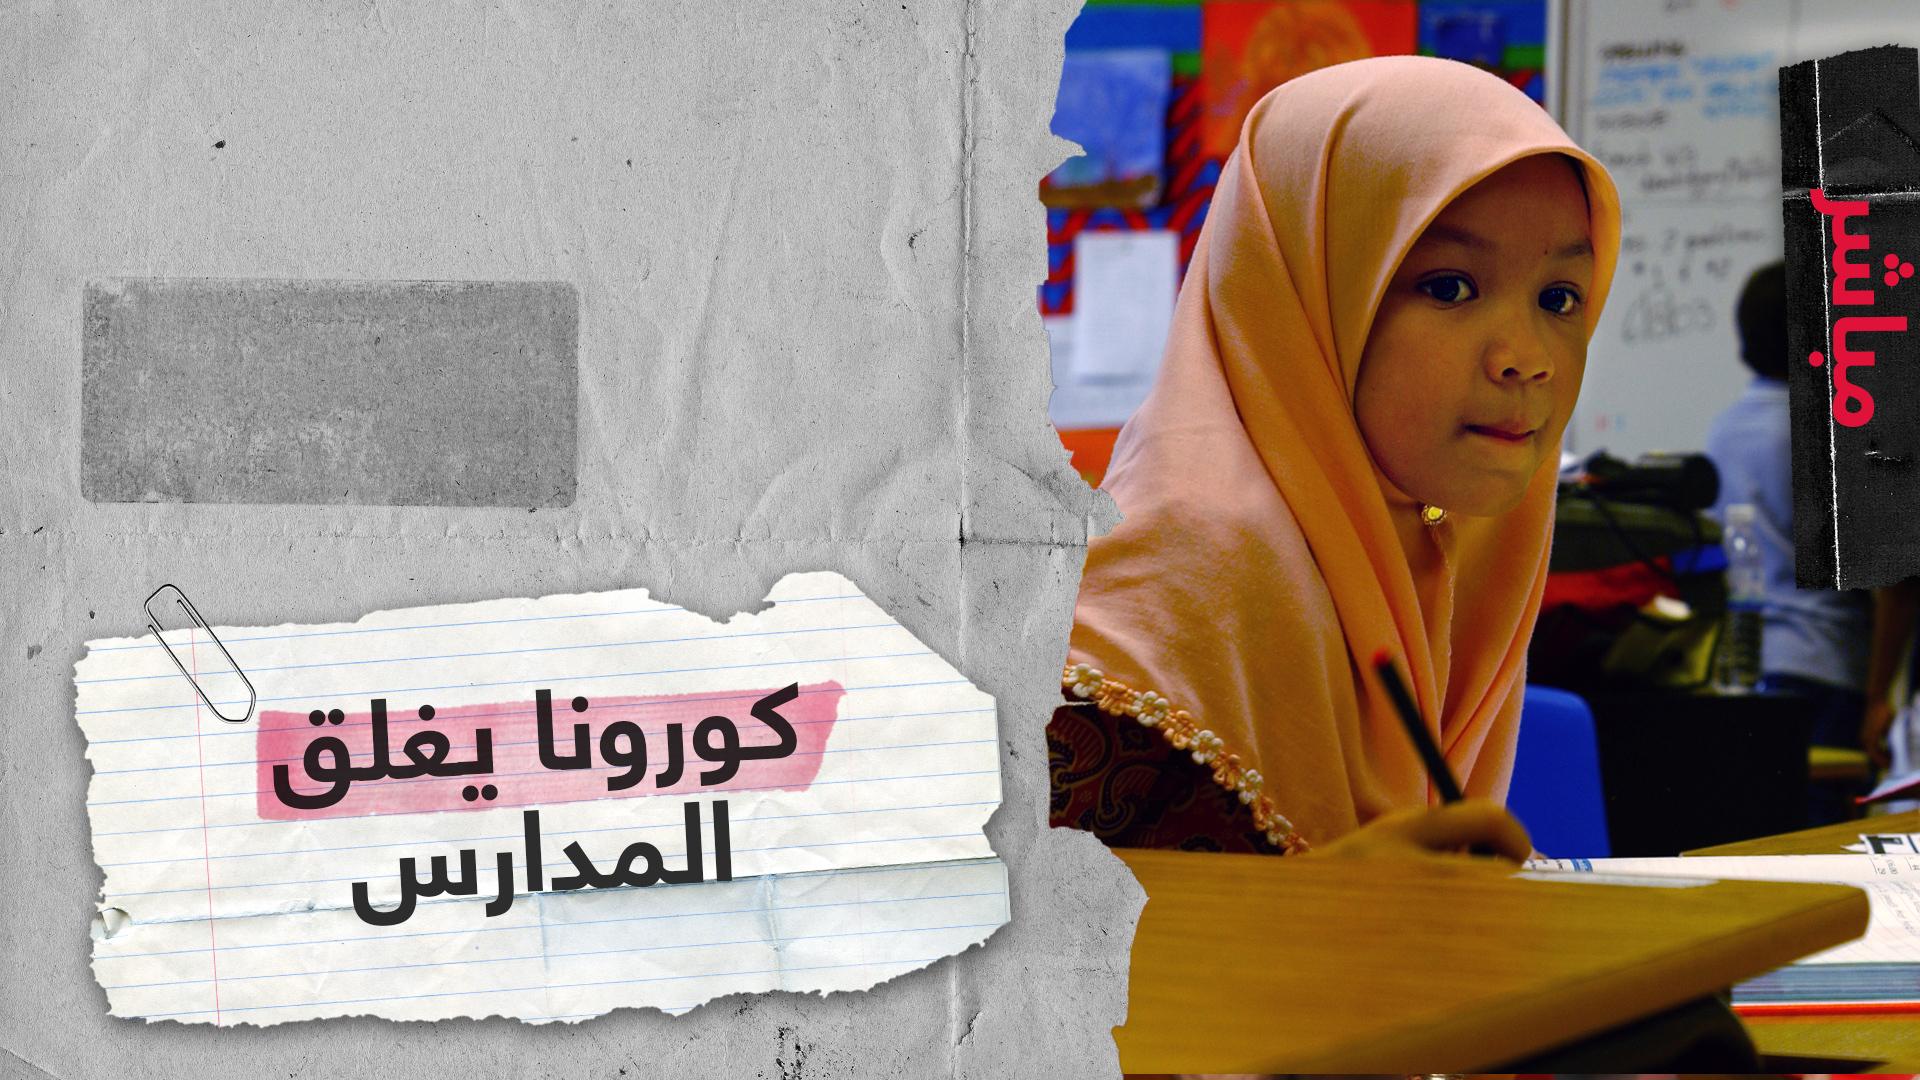 لا دراسة في زمن الكورونا! بلدان عربية تغلق المدارس.. ما الحلول؟